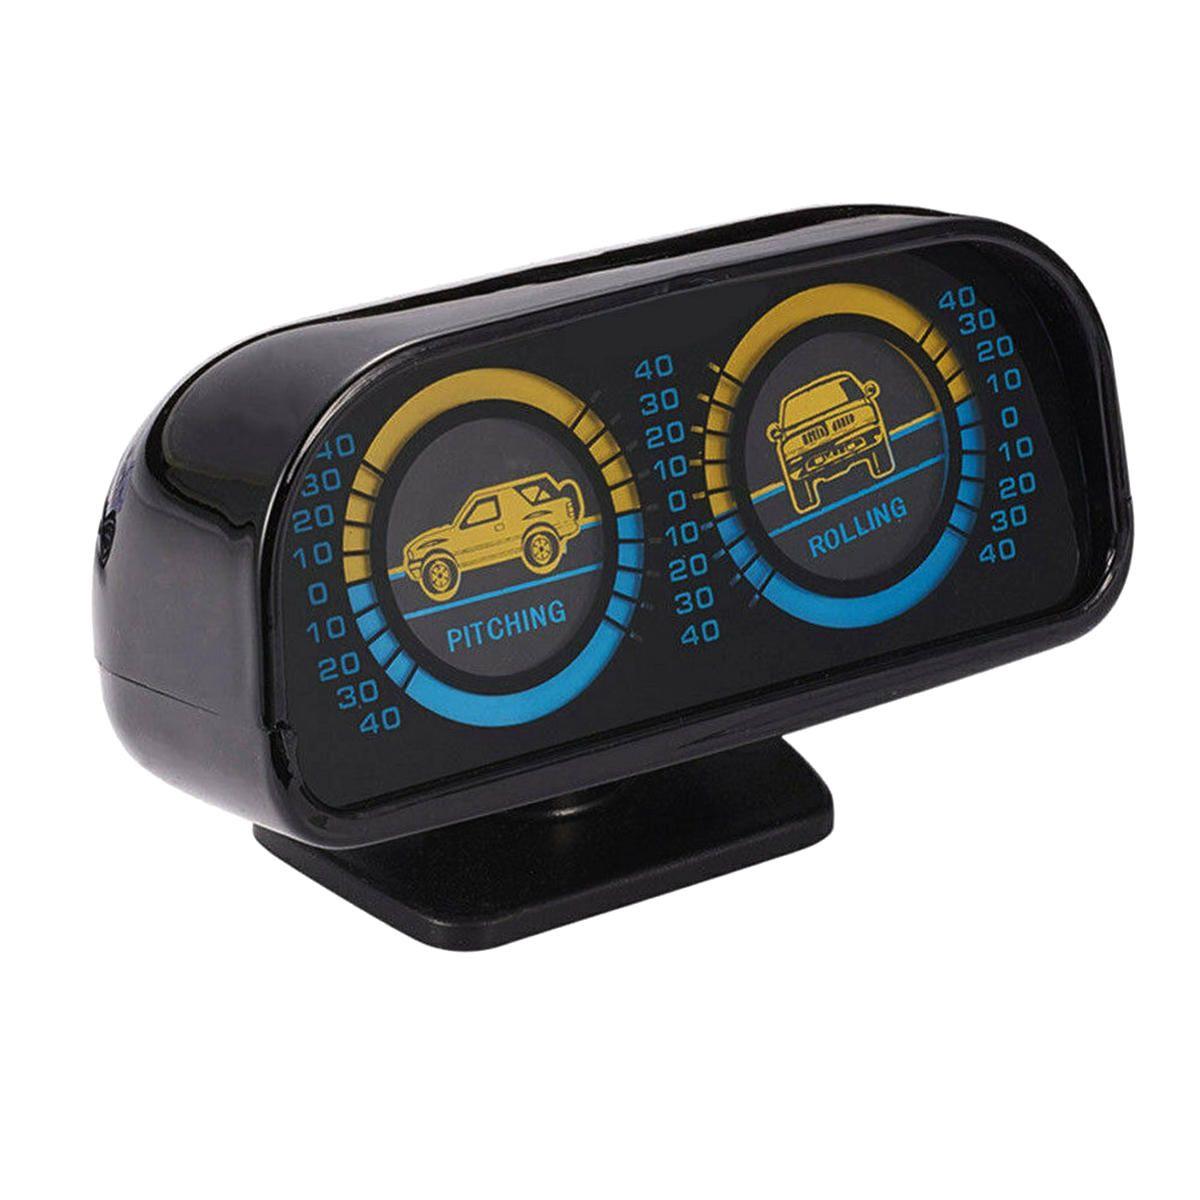 12V Two barreled Backlight Slope Meter Inclinometer Compass Balance Level Balancer for Car Off road